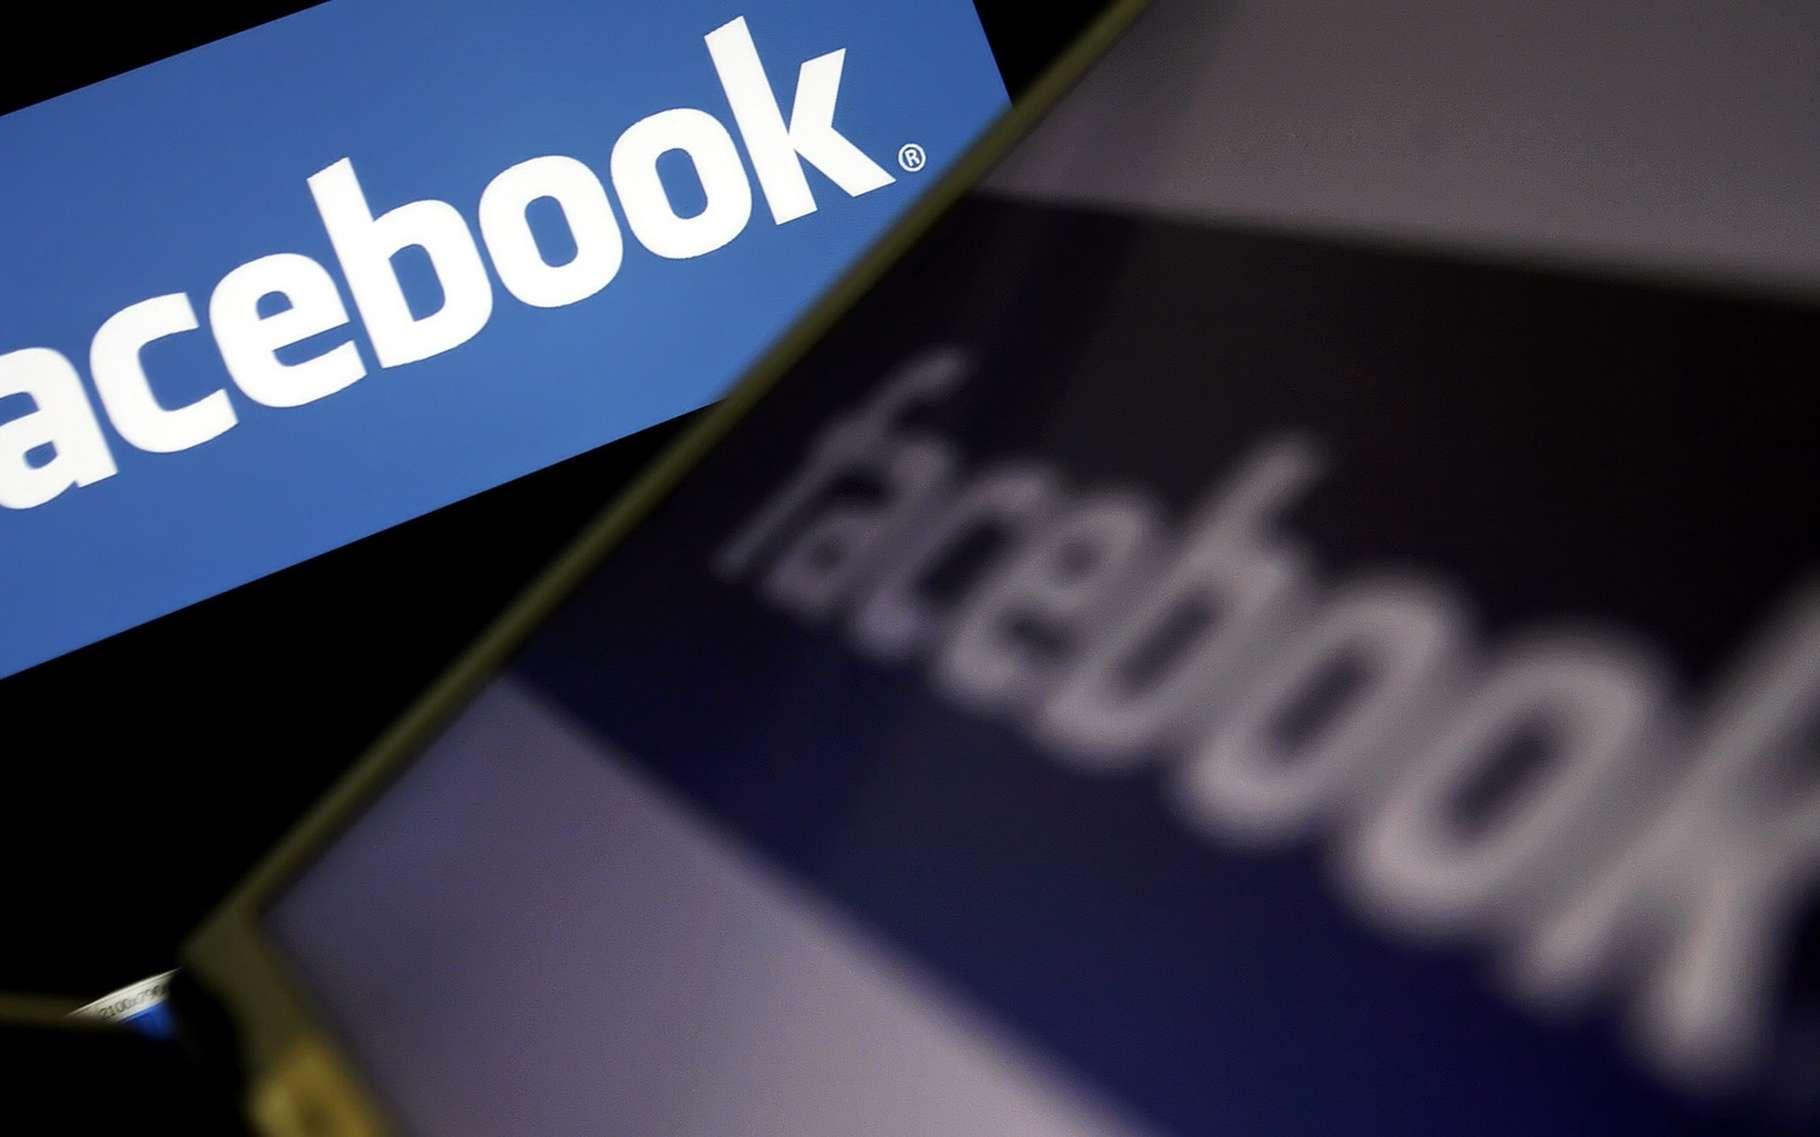 Pour regagner la confiance des utilisateurs, Facebook veut repartir de zéro en matière de sécurisation des échanges, qu'il s'agisse des messages ou des fichiers partagés sur sa plateforme. © AFP Photo, Leon Neal